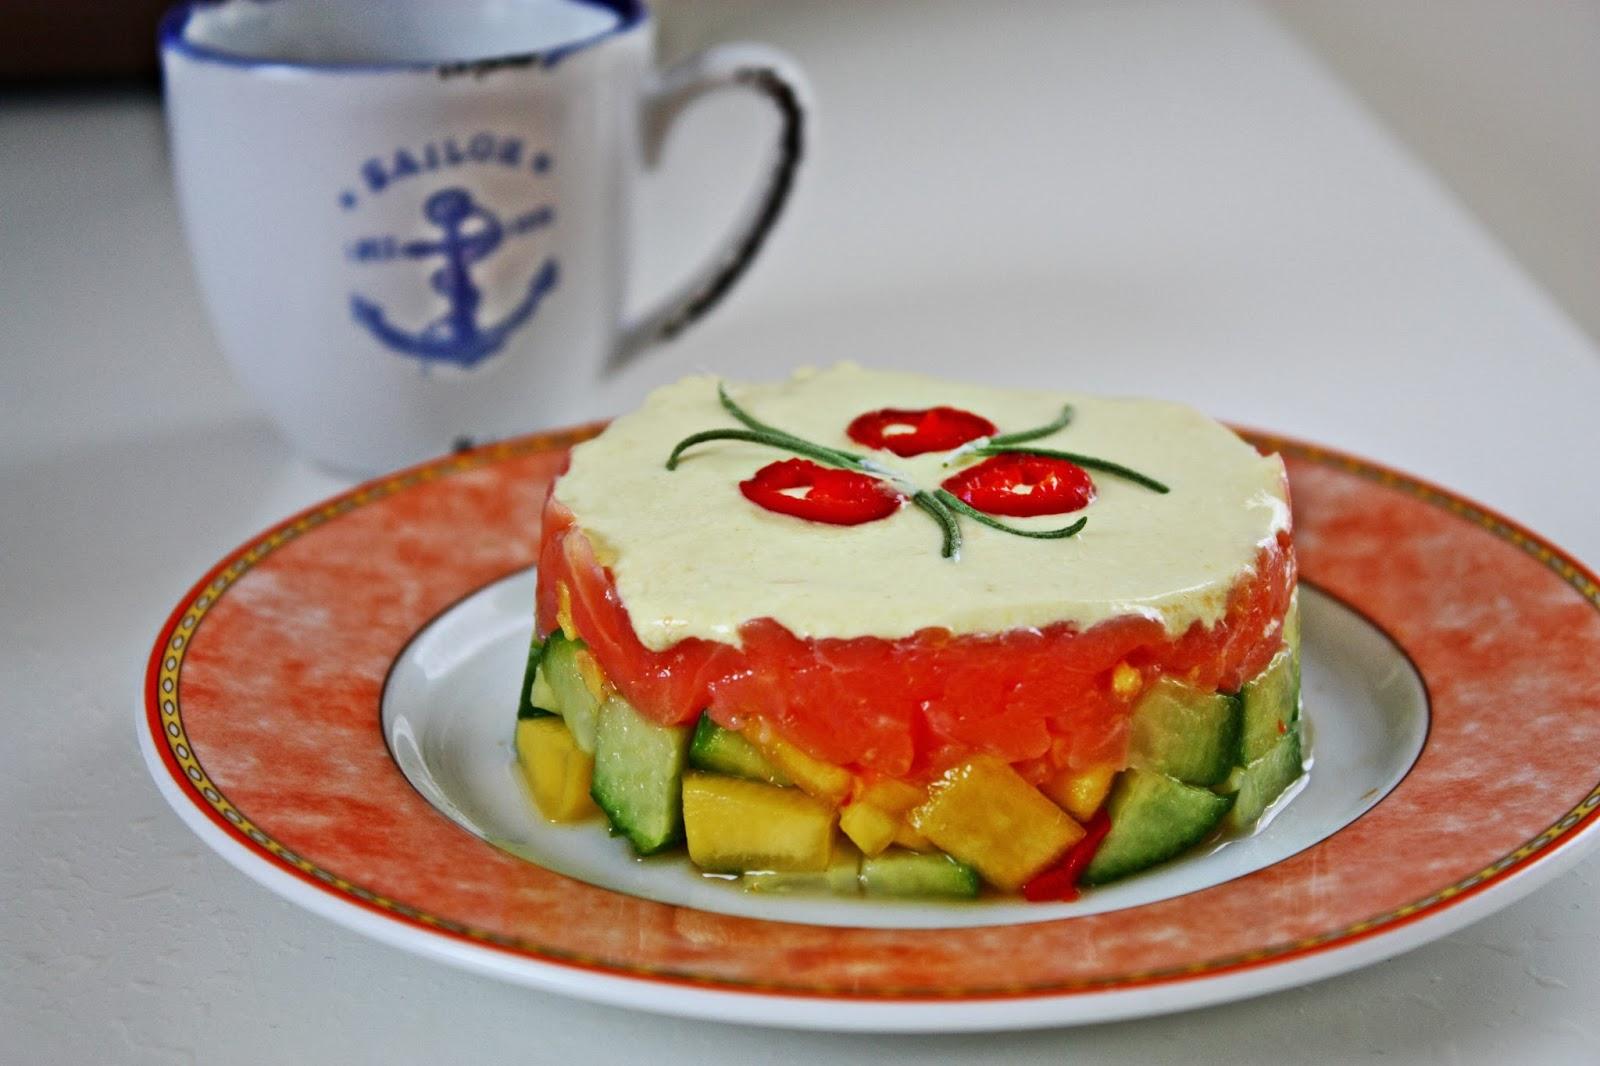 Lachstartar auf Mango Chili Gurken Salat